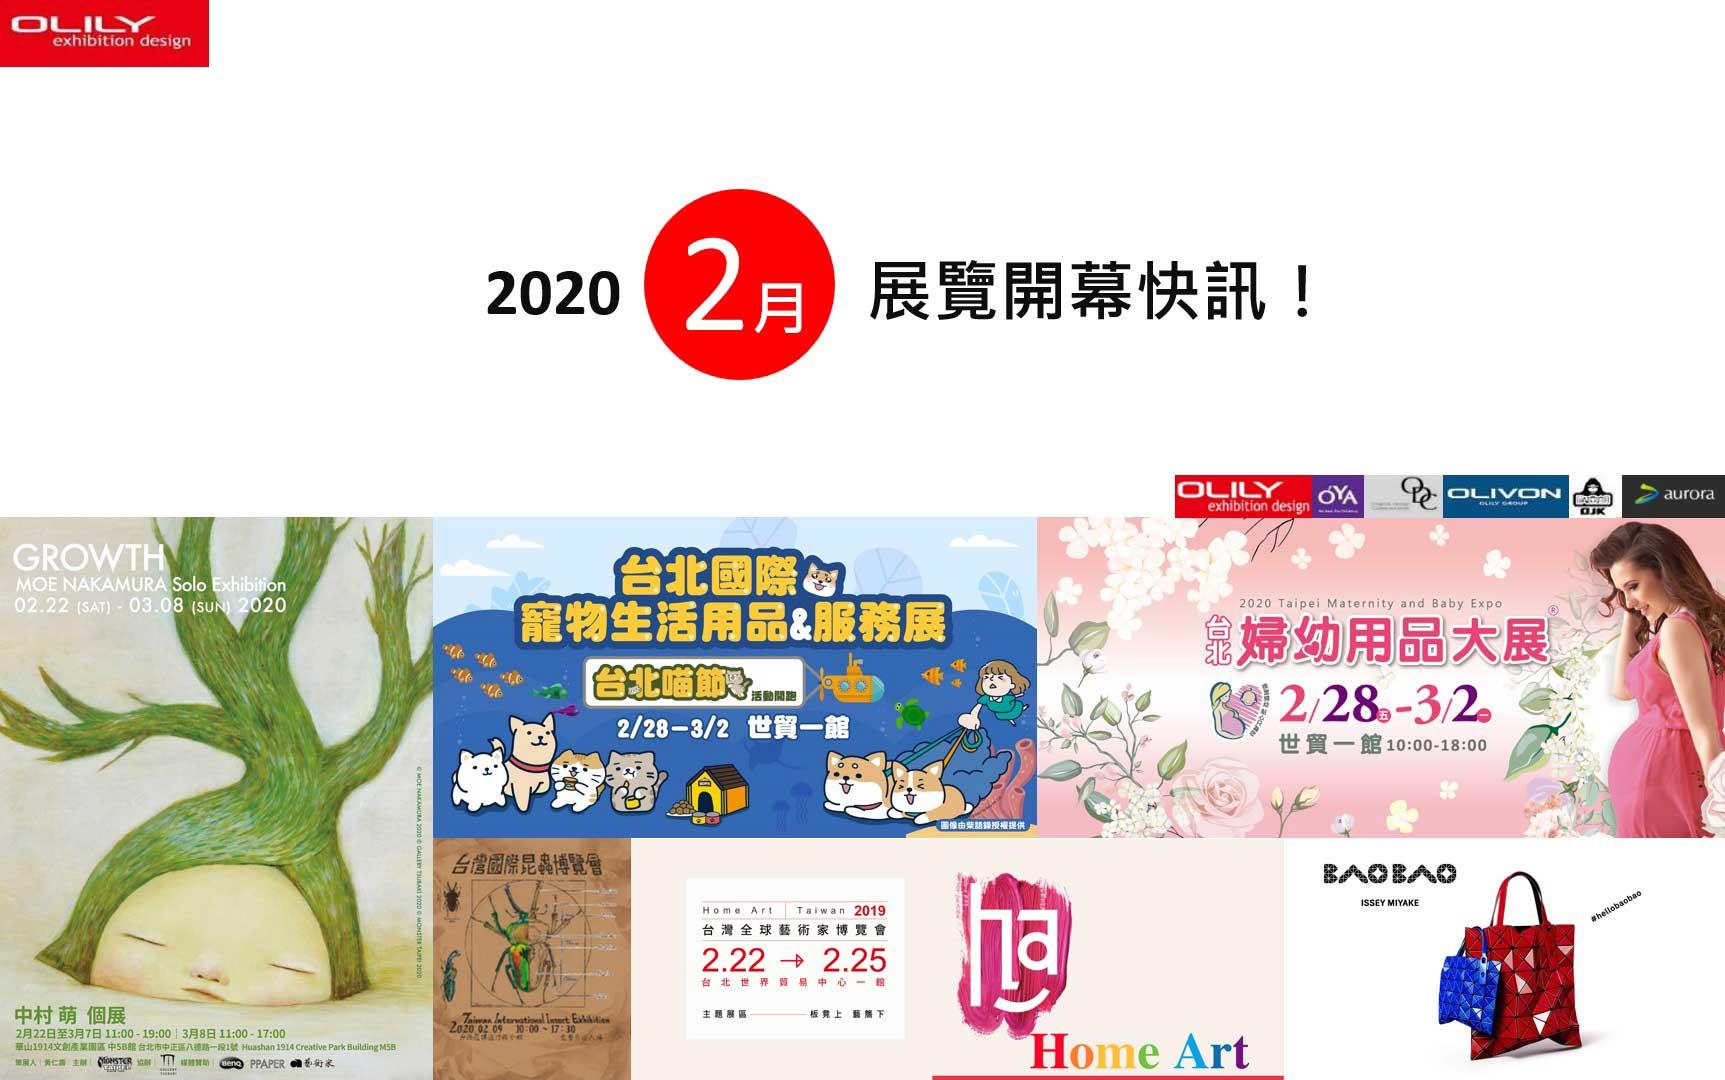 2020年2月展覽資訊 - 展覽設計推薦歐立利展場設計